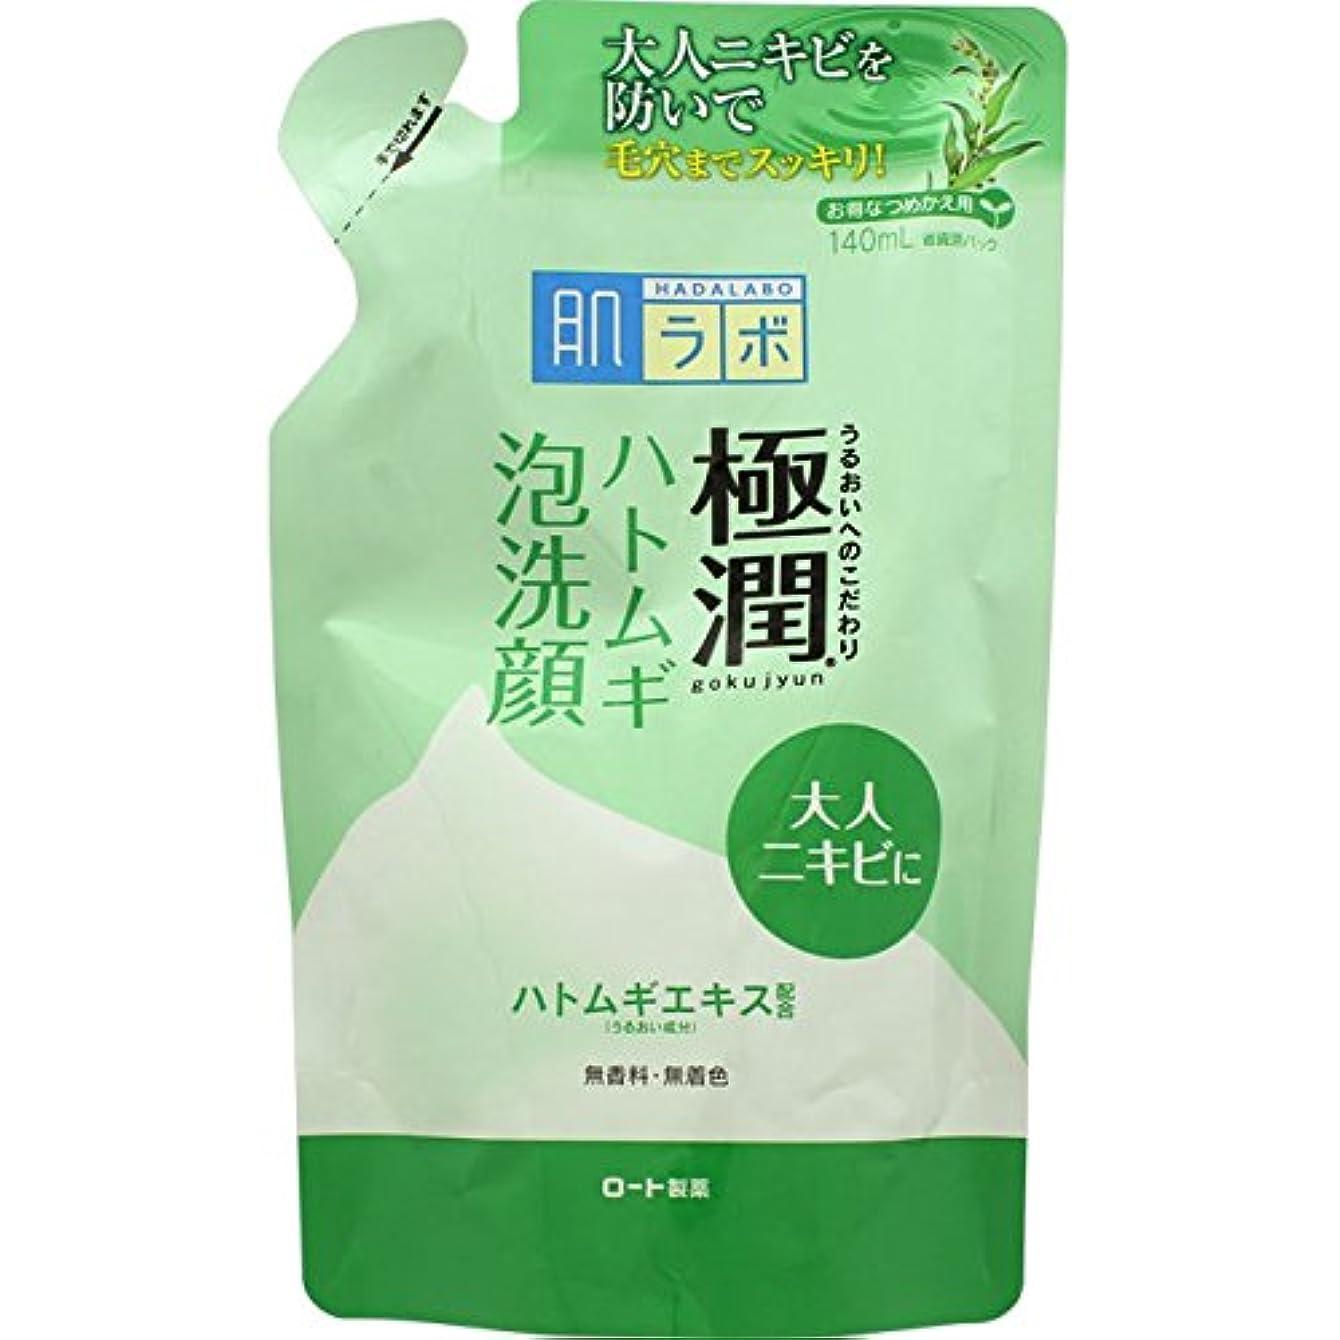 効能あるあいまいなポルノ肌ラボ 極潤 毛穴洗浄 大人ニキビ予防 ハトムギ泡洗顔 詰替用 140mL